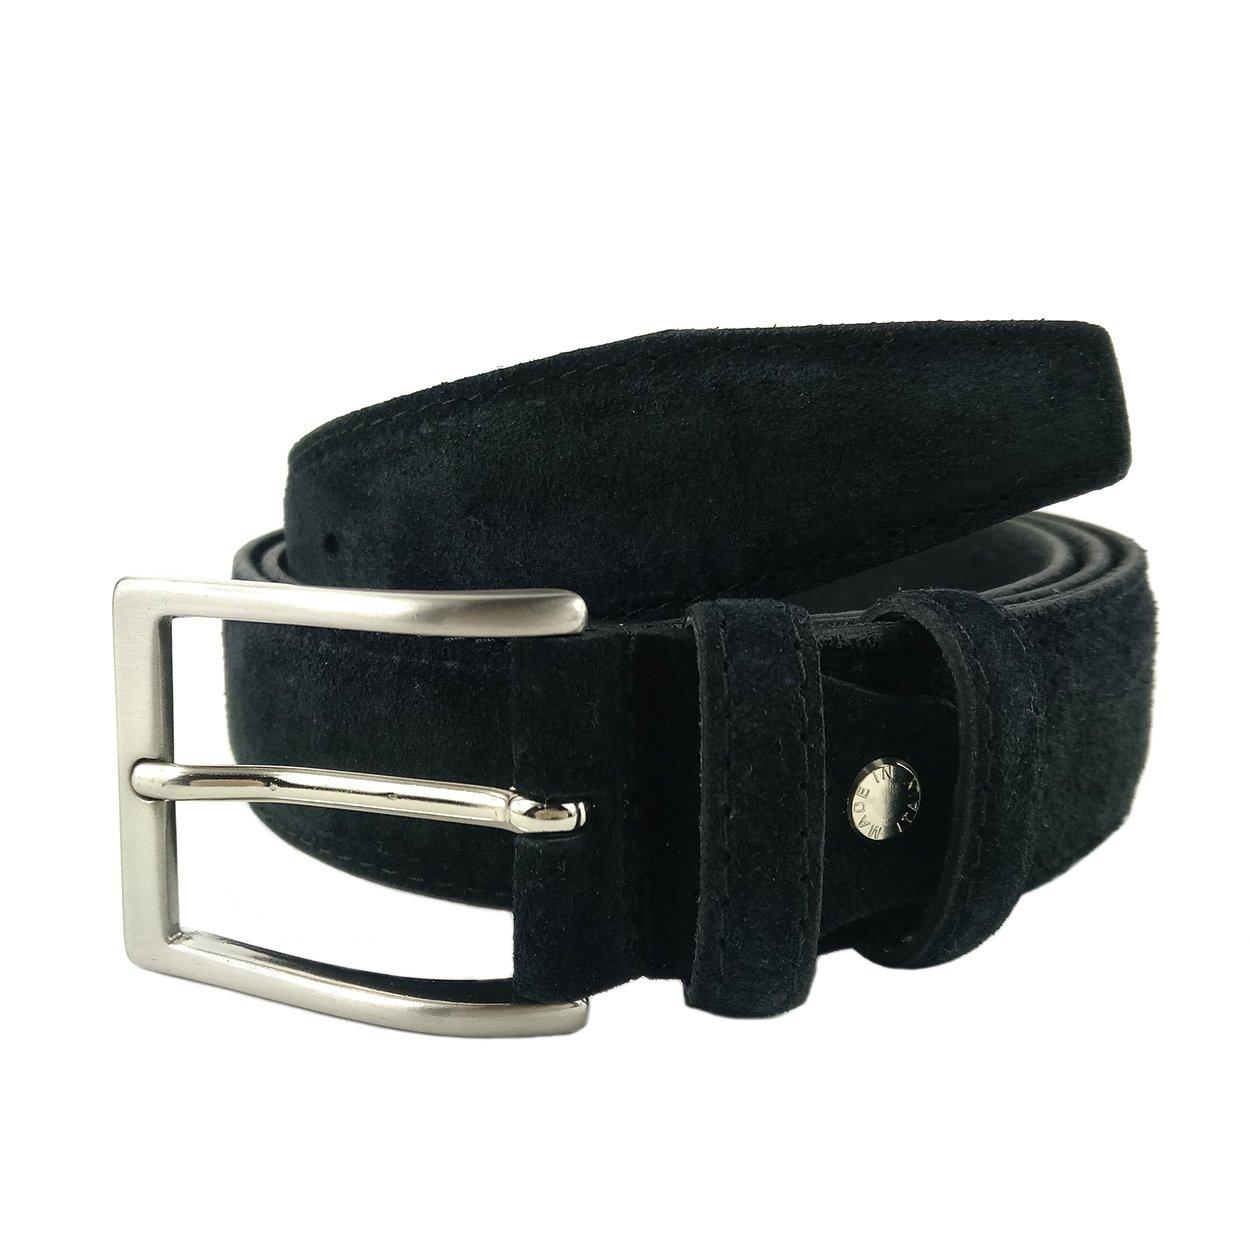 MYB Cintura uomo in vera pelle scamosciata - altezza 35 mm - Made in Italy - diversi colori e taglie disponibili